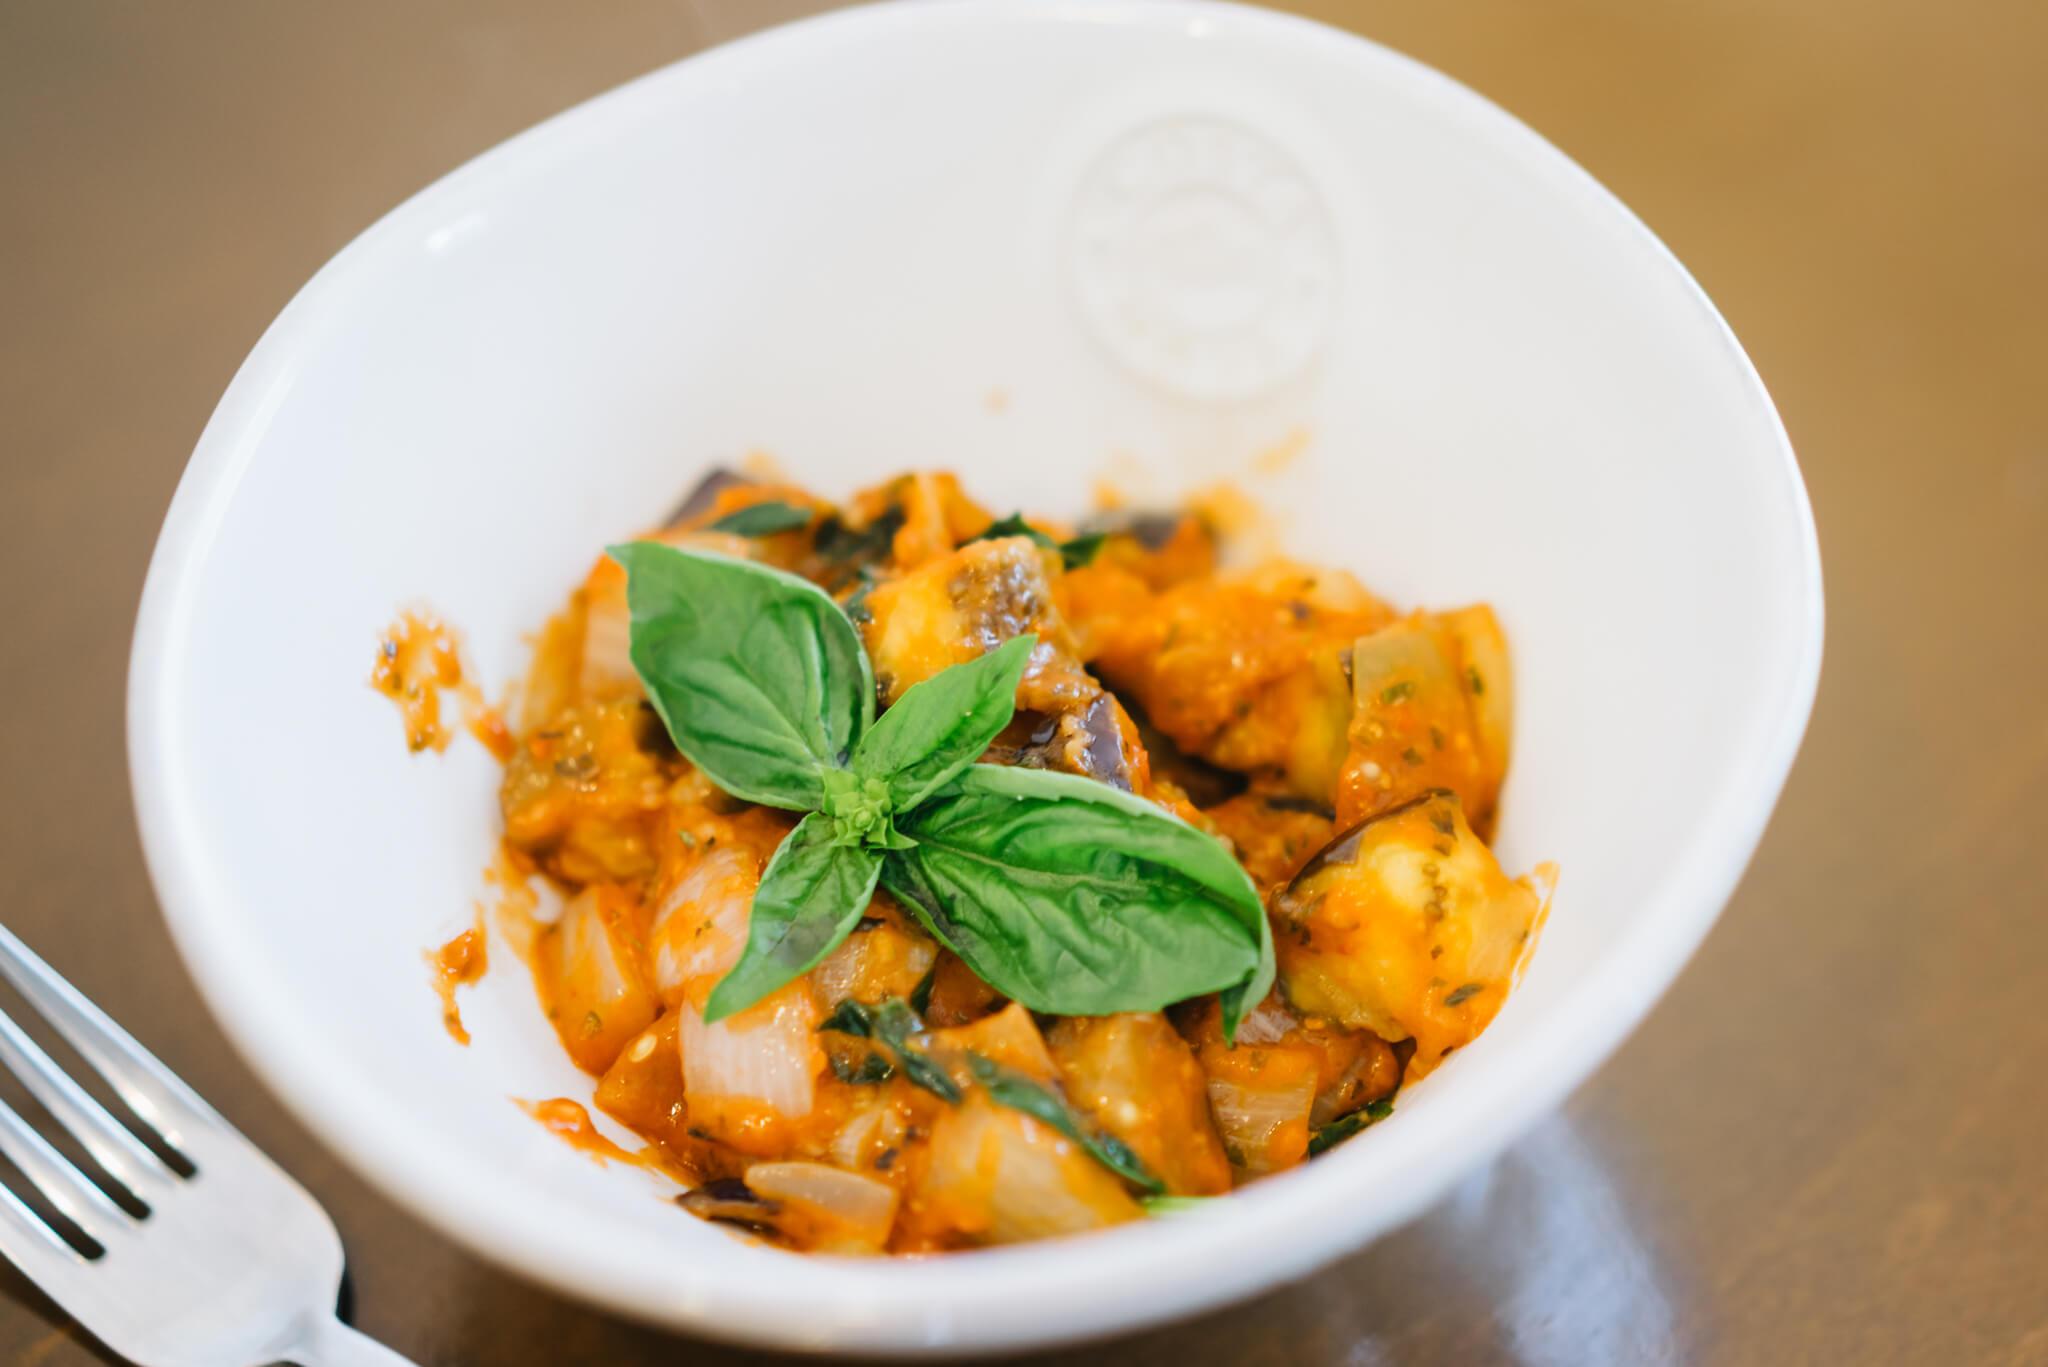 同じく、茄子を使ったイタリア料理「カポナータ」の試食をさせていただきました。畑でさっきまで美味しそうに実っていたことを知っているから、みずみずしさが全く違います。